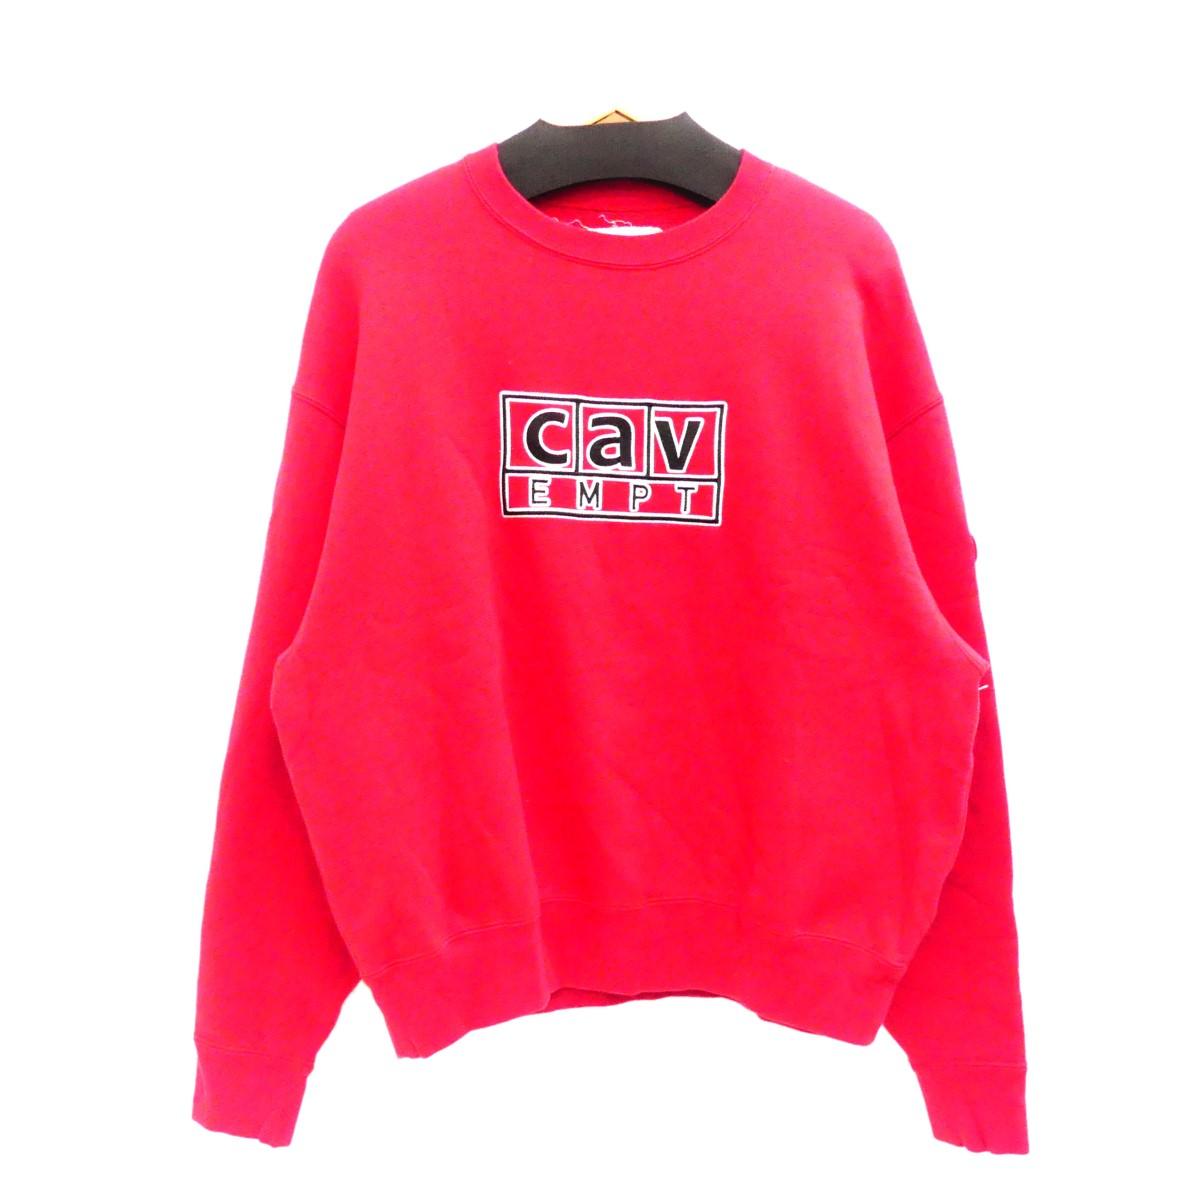 【中古】C.E 2018AW Cav BoxCrewneck Sweatshirt クルーネックスウェット レッド サイズ:M 【140220】(シーイー)